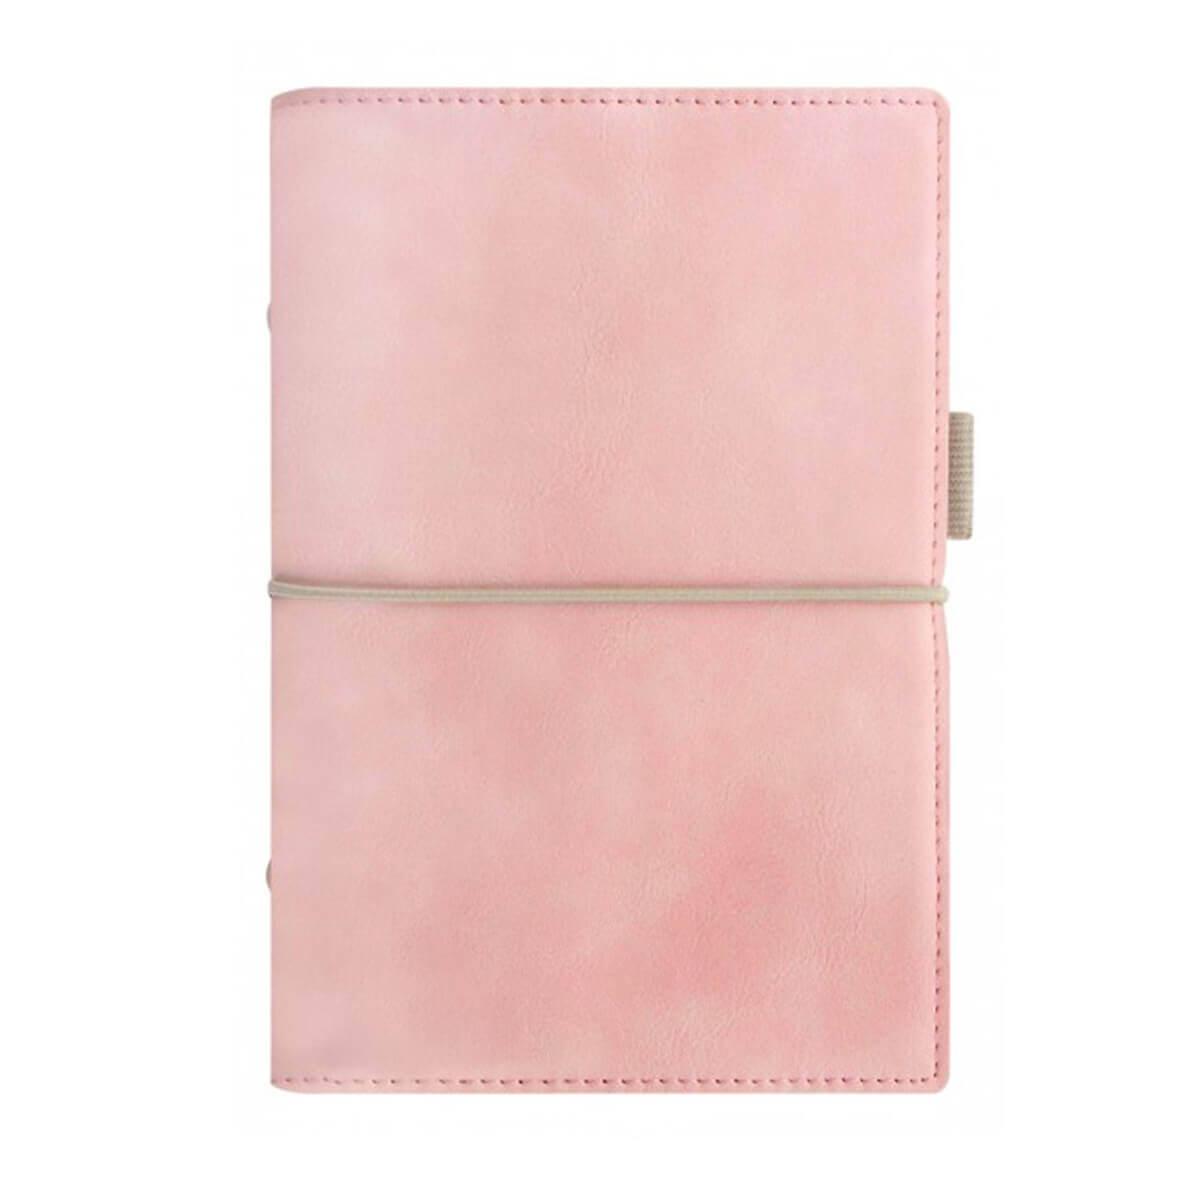 Filofax organizer Domino Soft Pale Pink Personal